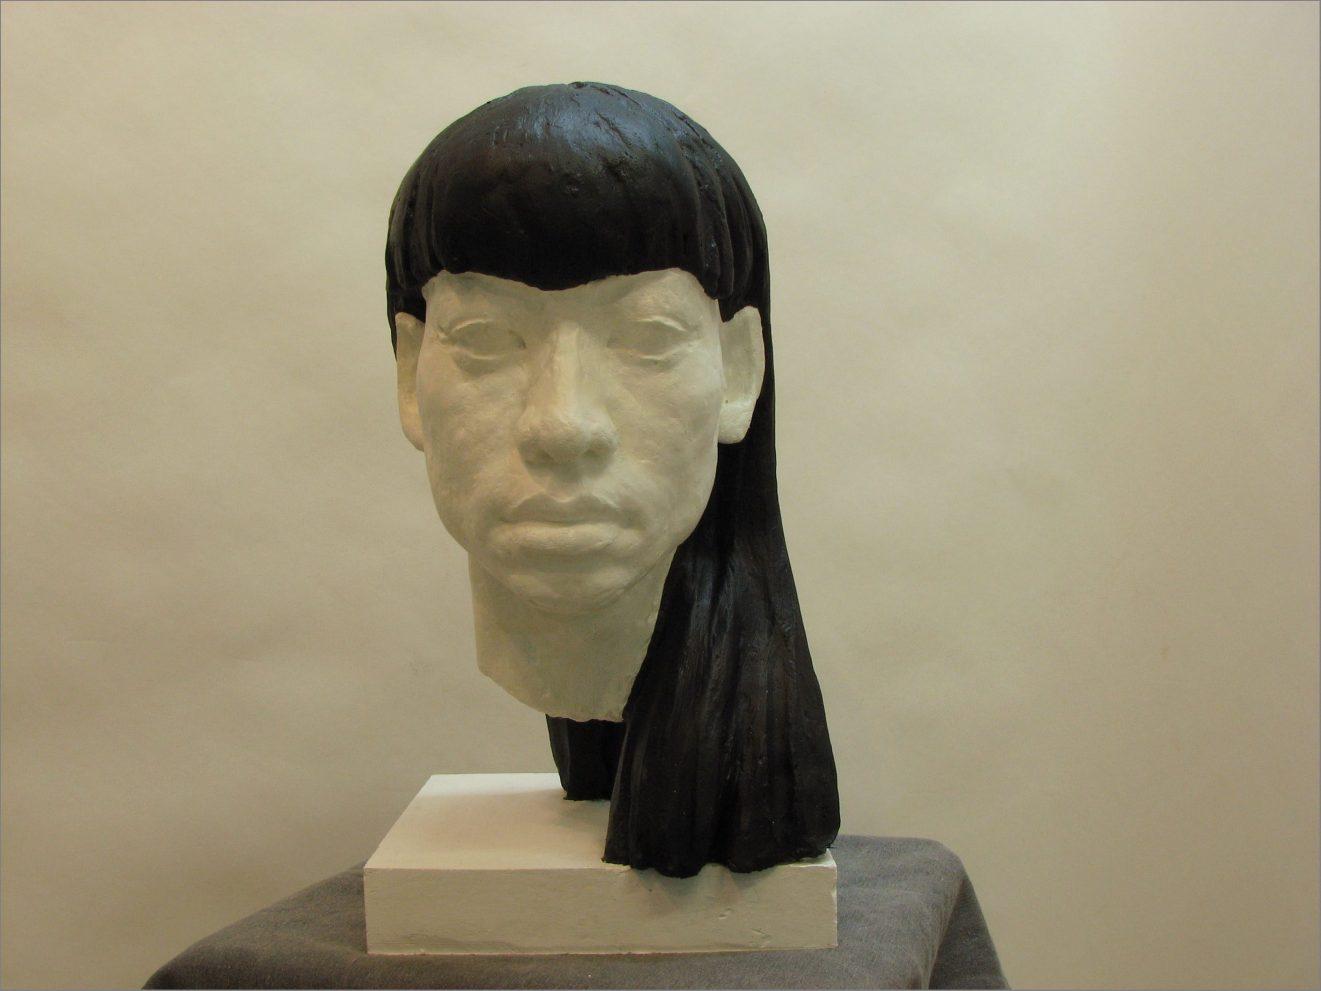 портрет , скульптура, образ. Современный портрет